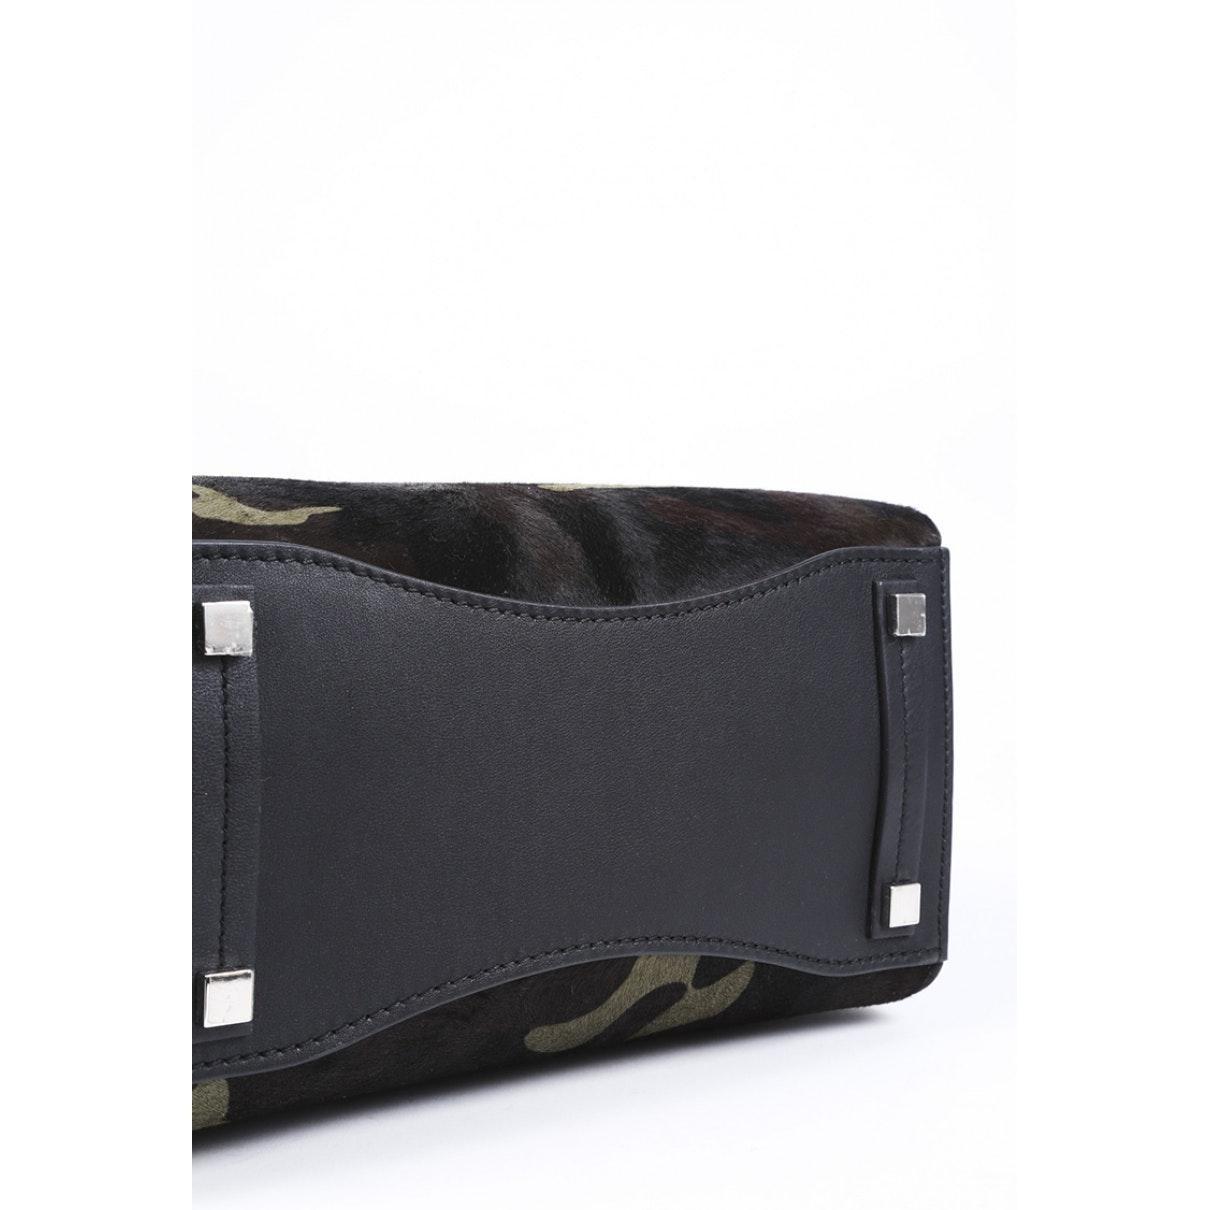 Michael Kors Kalbsleder In Pony-optik Handtaschen in Schwarz 0HWoV